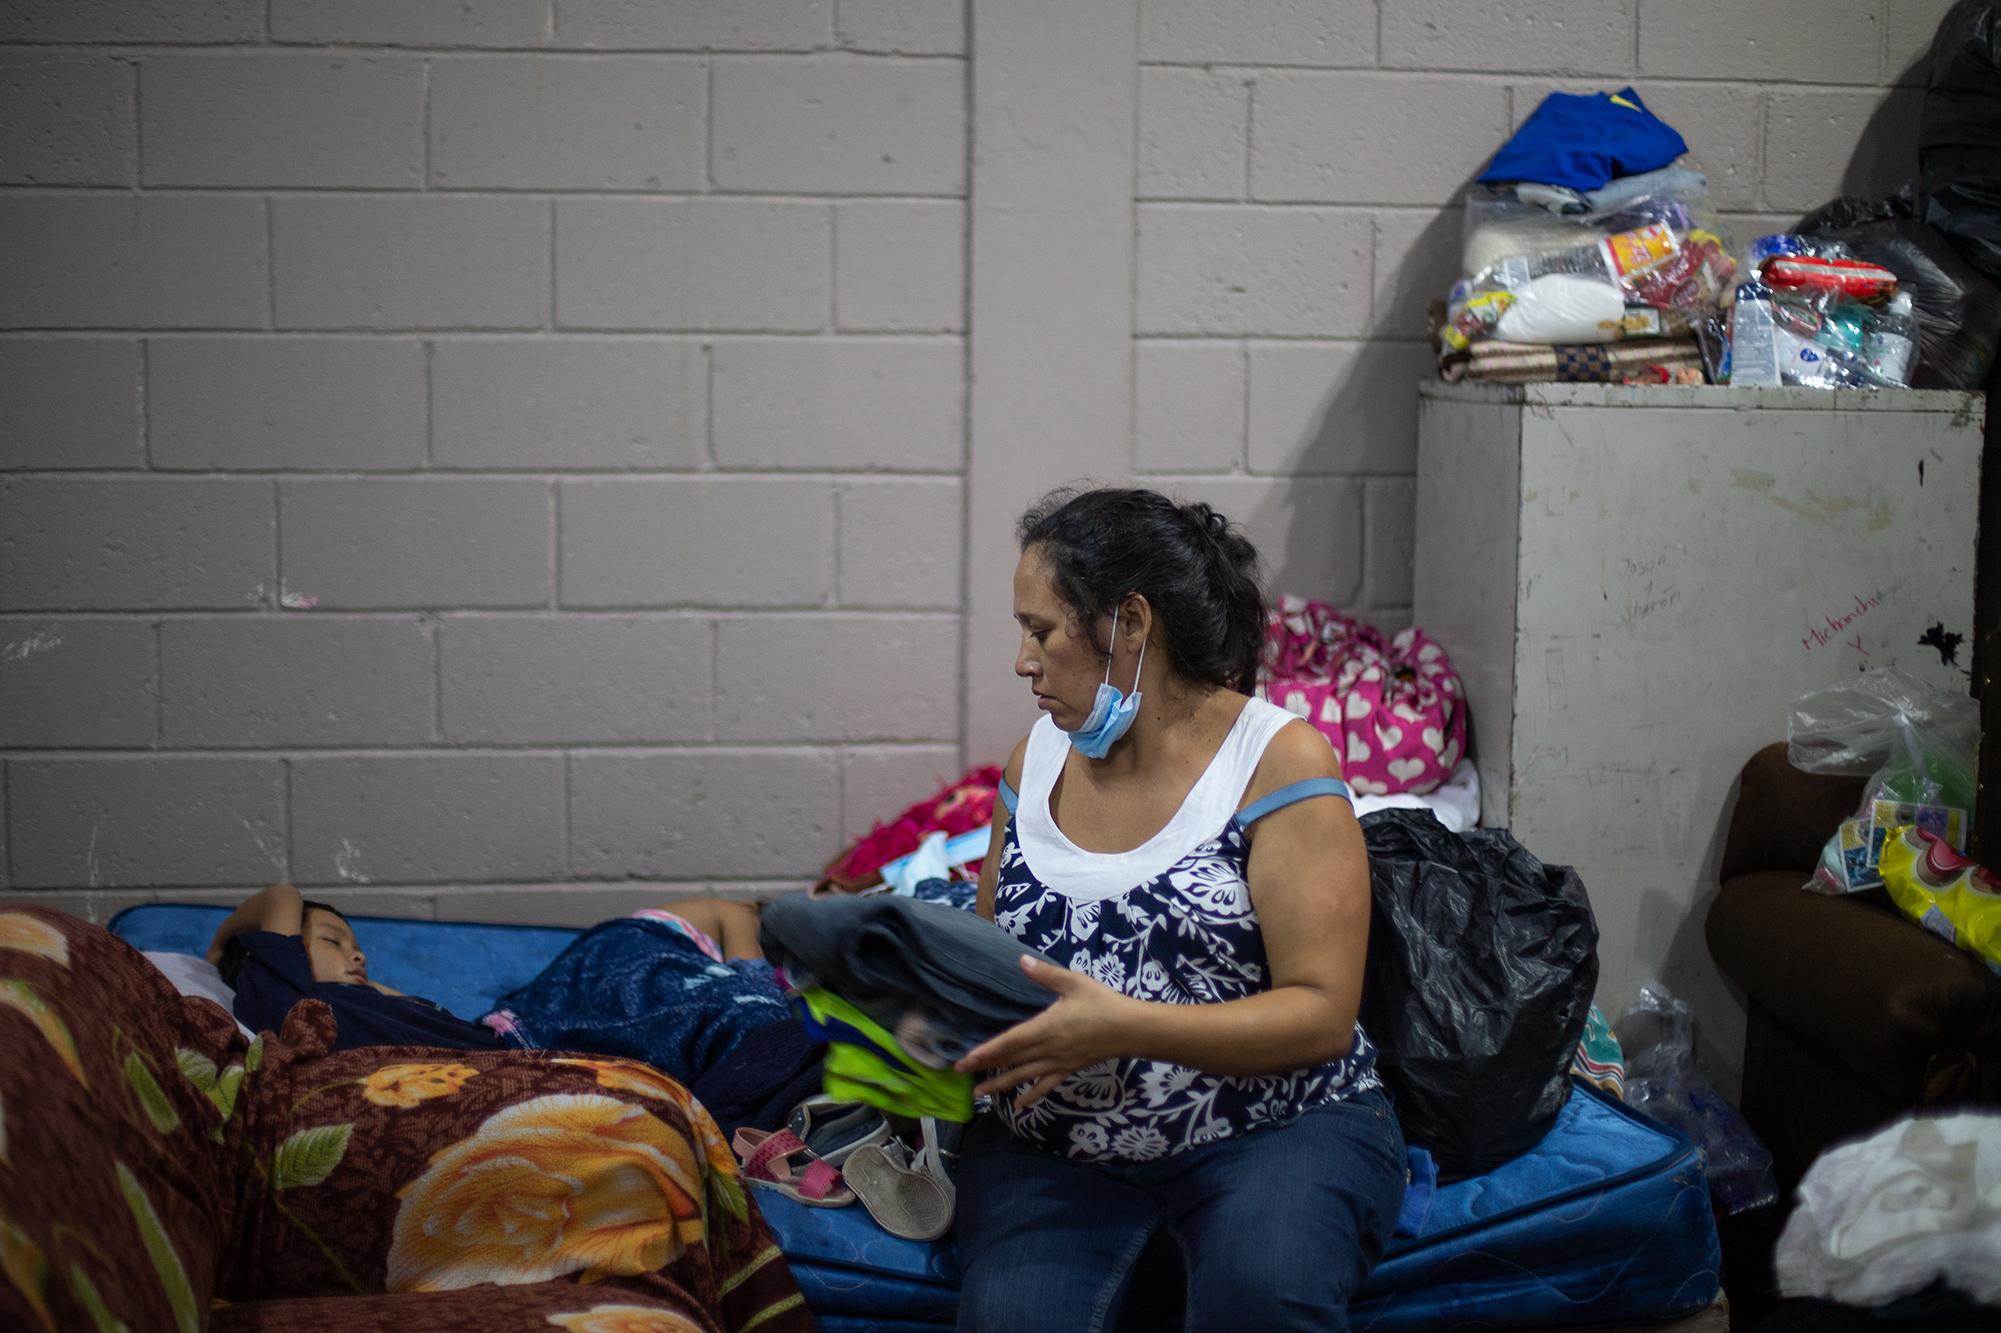 Jenny Fuentes y su familia han buscado refugio en el albergue de Escuela Profesor Toribio Bustillo. La familia de Jenny vive a la orilla del Río Choluteca que durante las crecidas en la temporada de lluvias inunda su hogar. Comayagüela, 7 de noviembre de 2020. Foto: Martín Cálix.